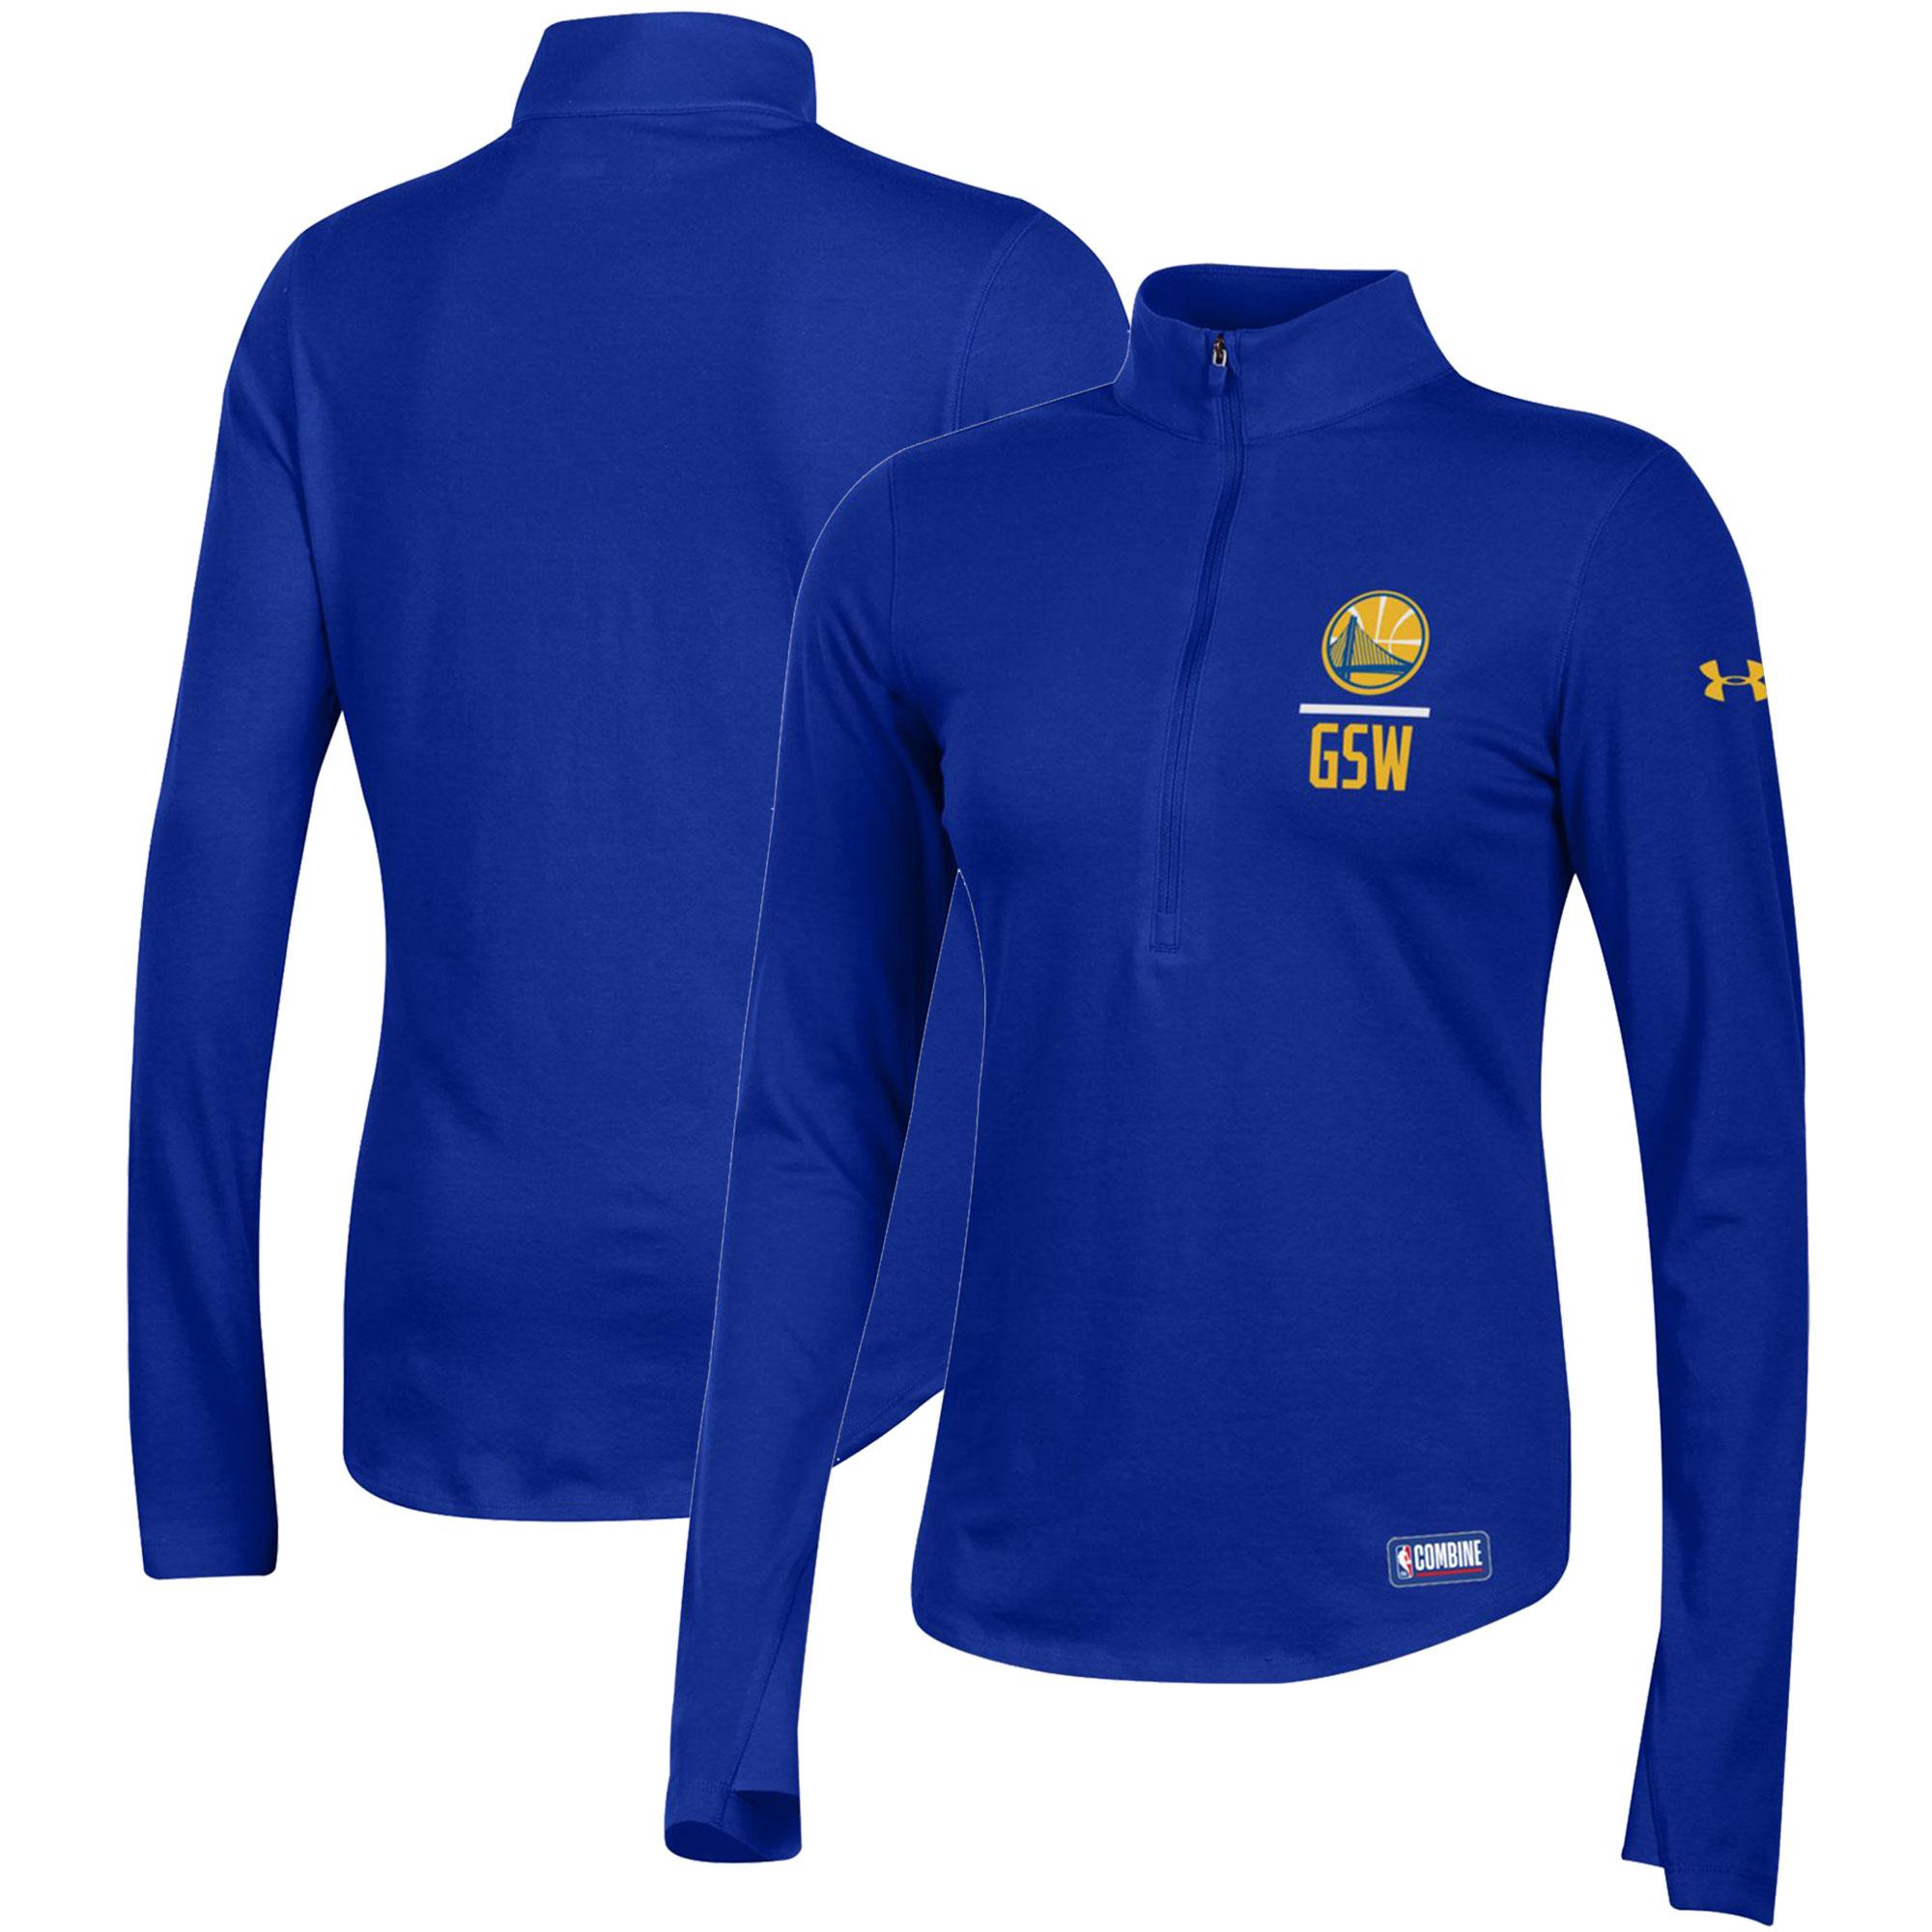 Golden State Warriors Under Armour Women's Combine Authentic Favorites Half-Zip Sweatshirt - Royal